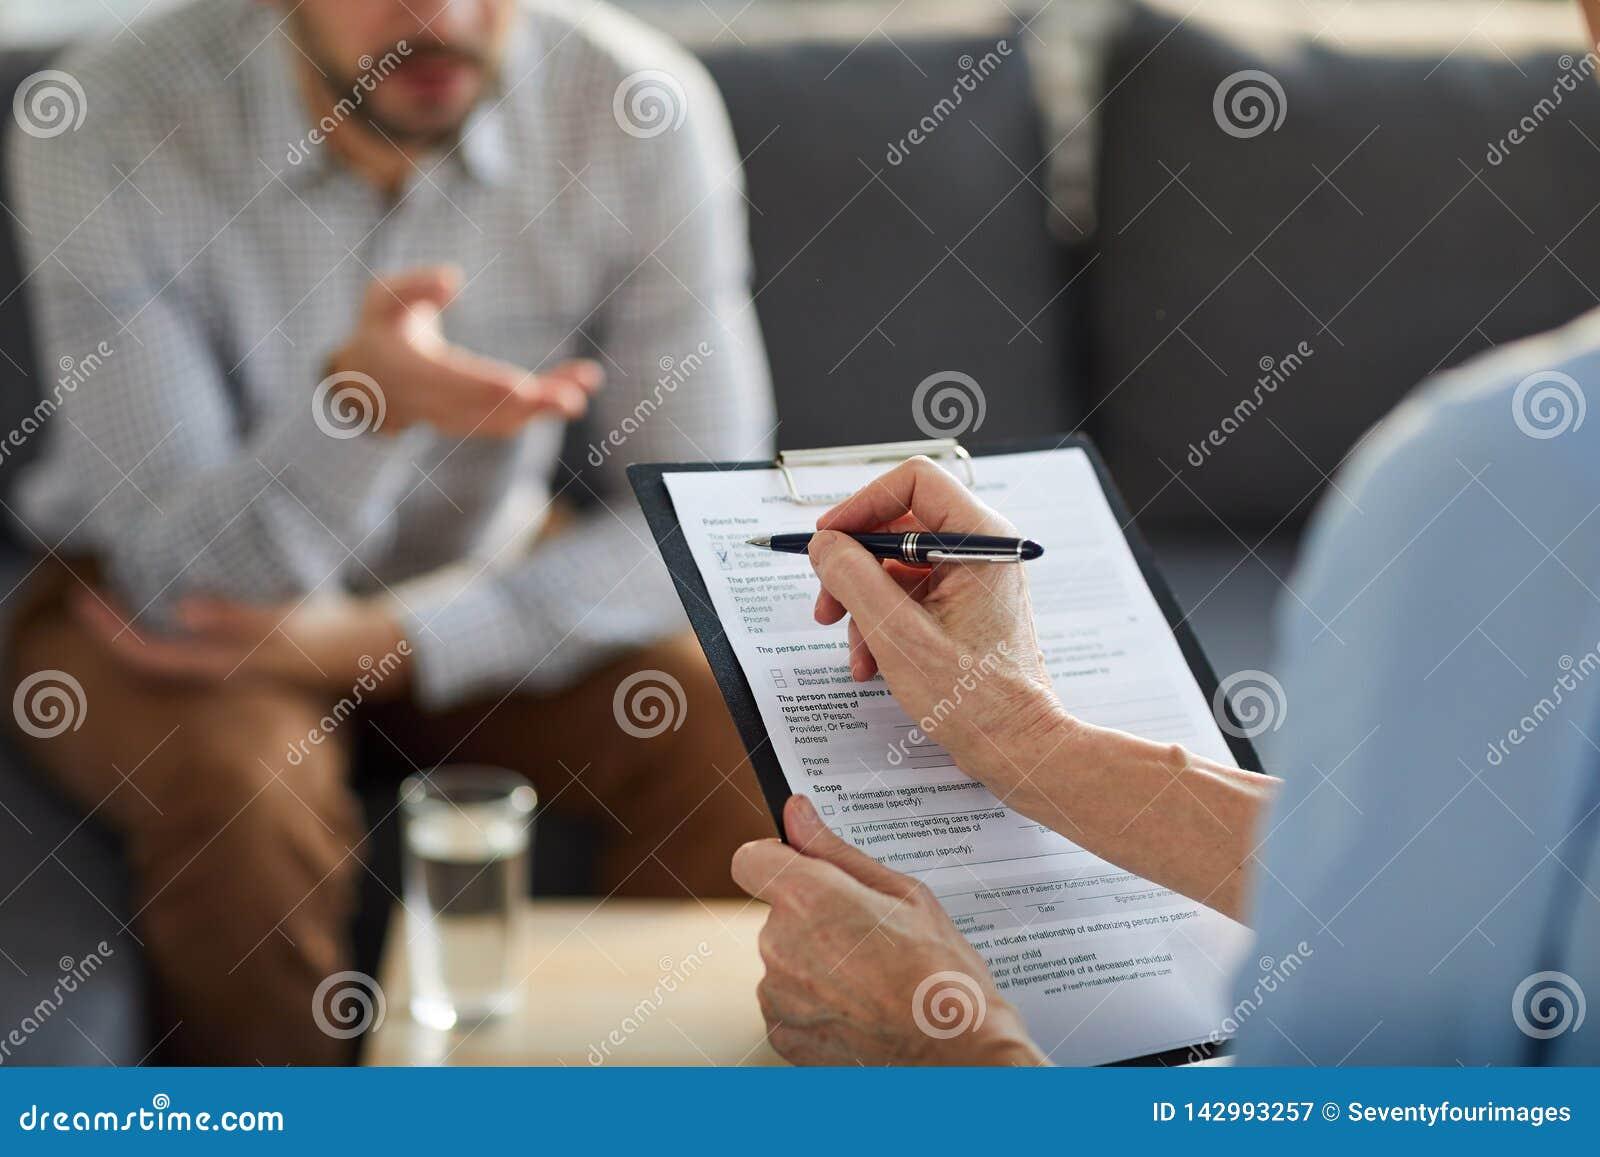 Mettendo segno di spunta nel documento